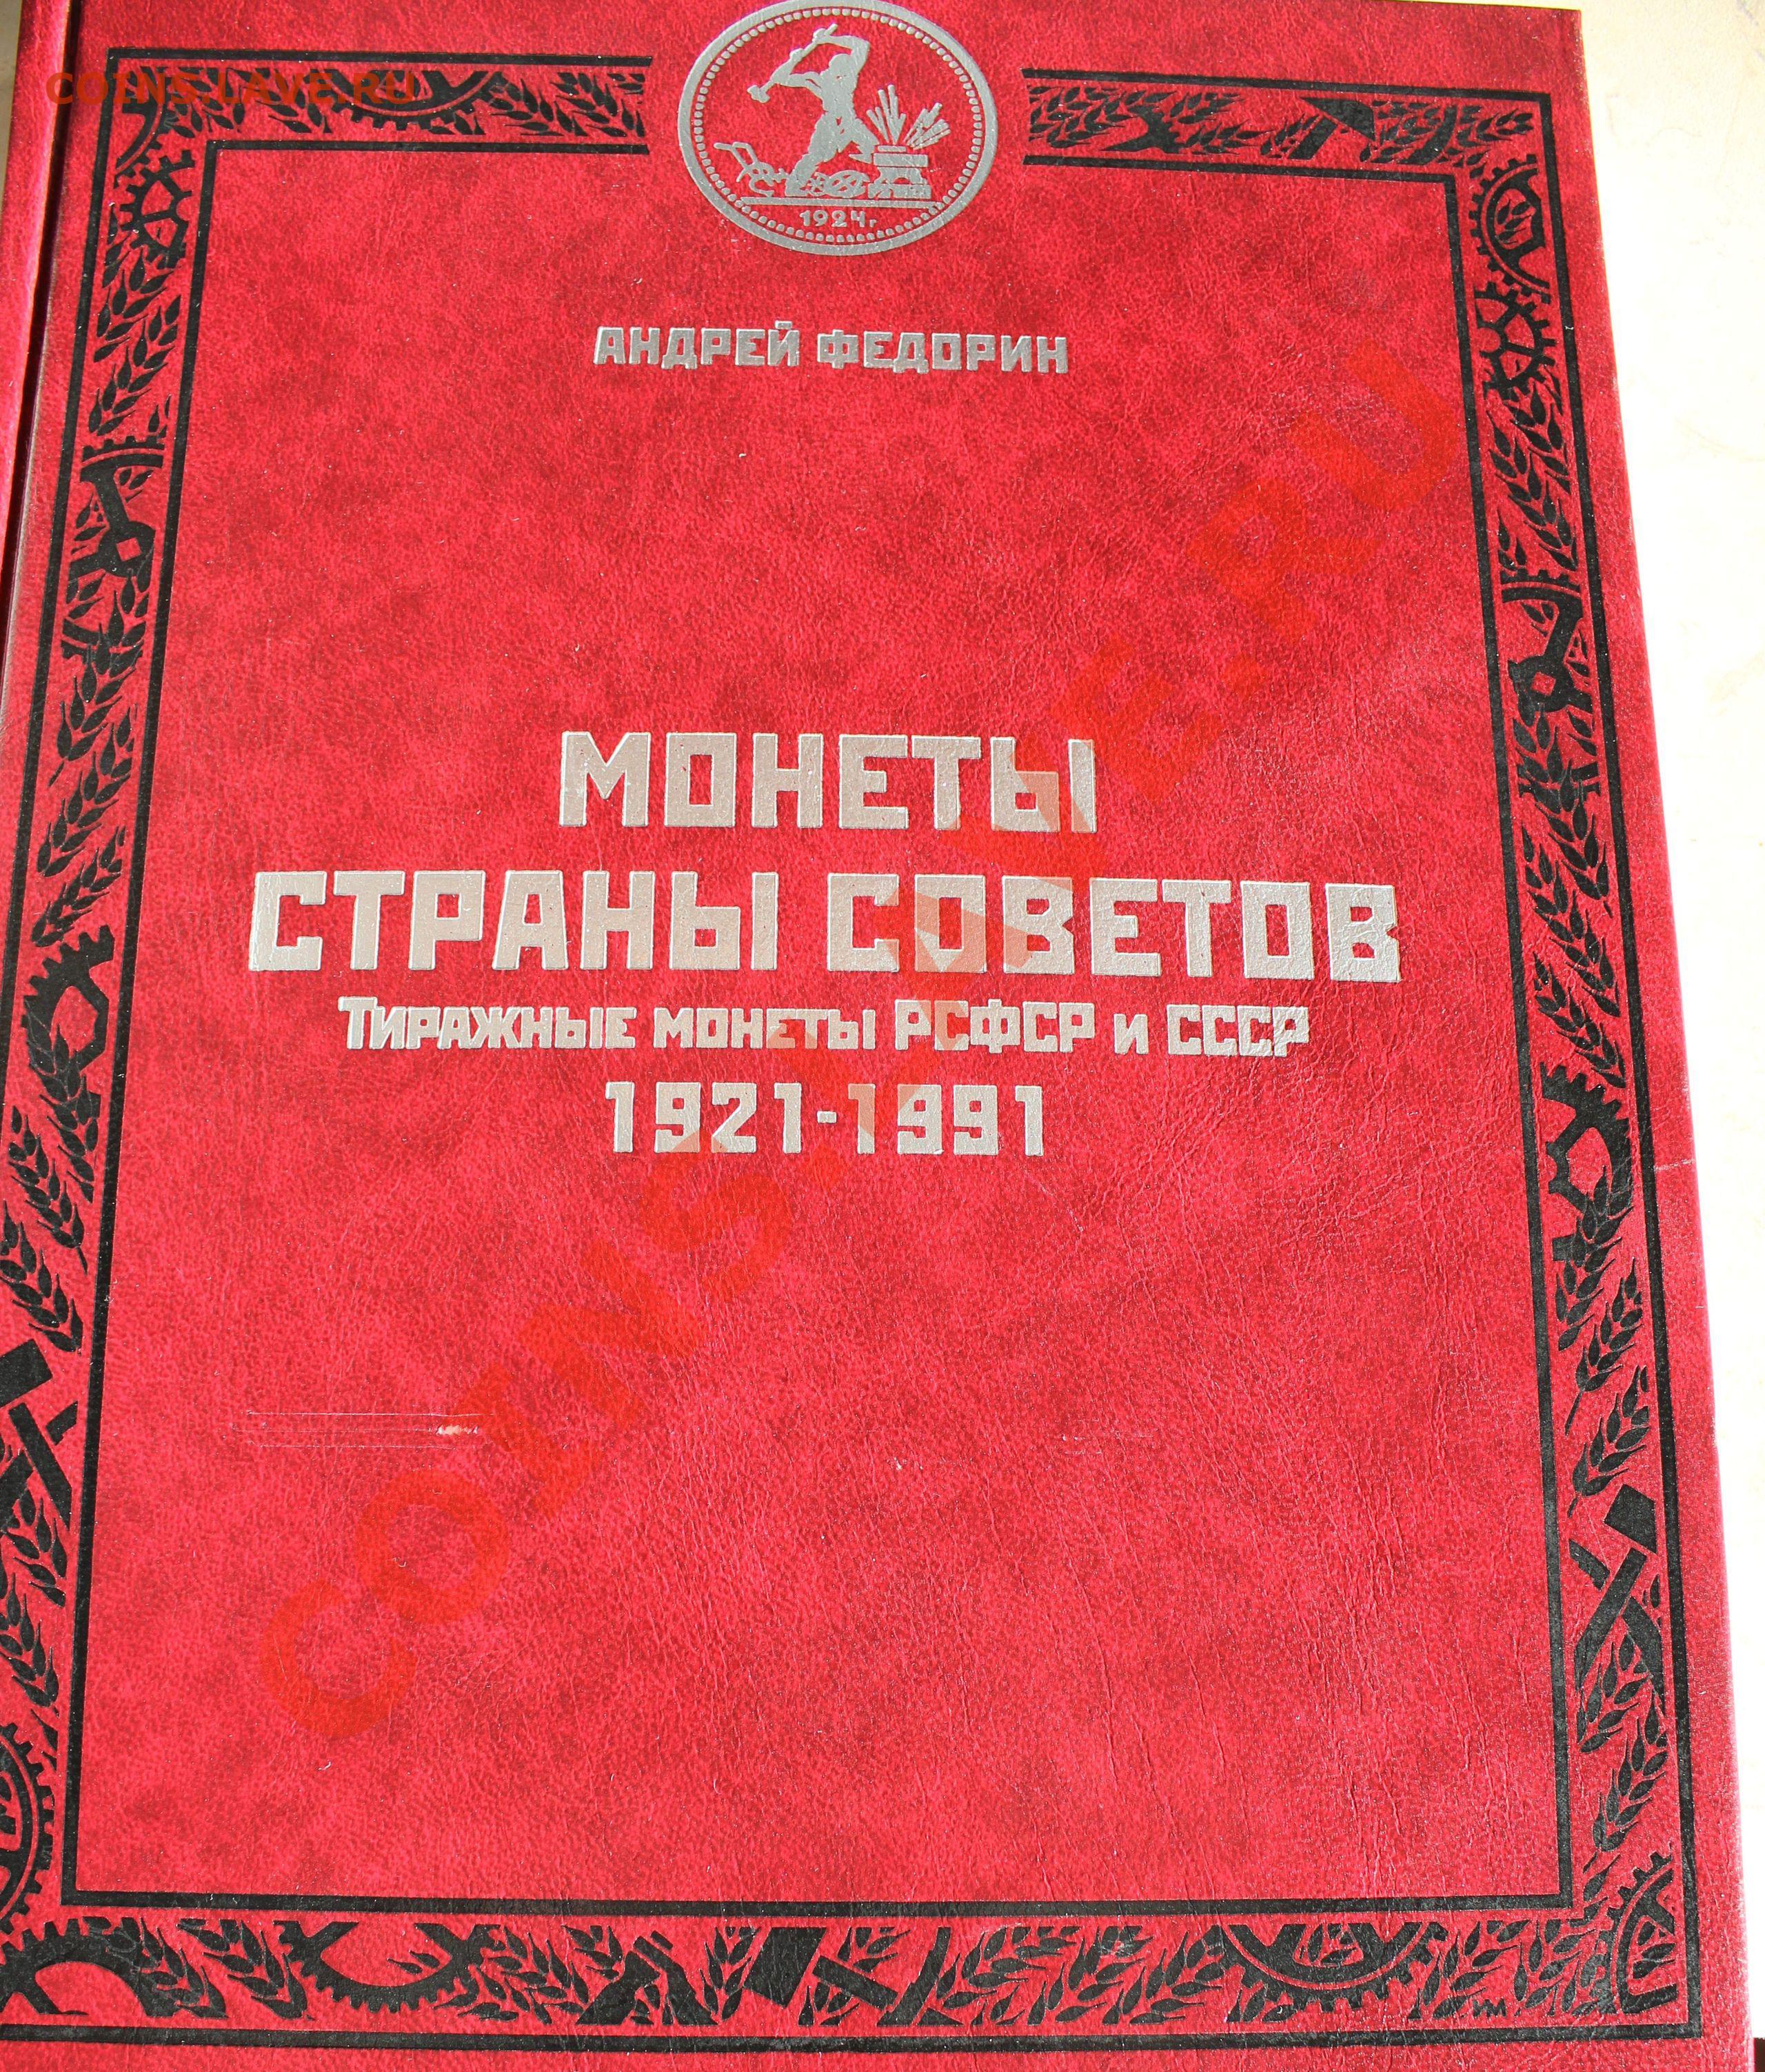 А.ФЕДОРИН.МОНЕТЫ СССР 1921-1991 СКАЧАТЬ БЕСПЛАТНО